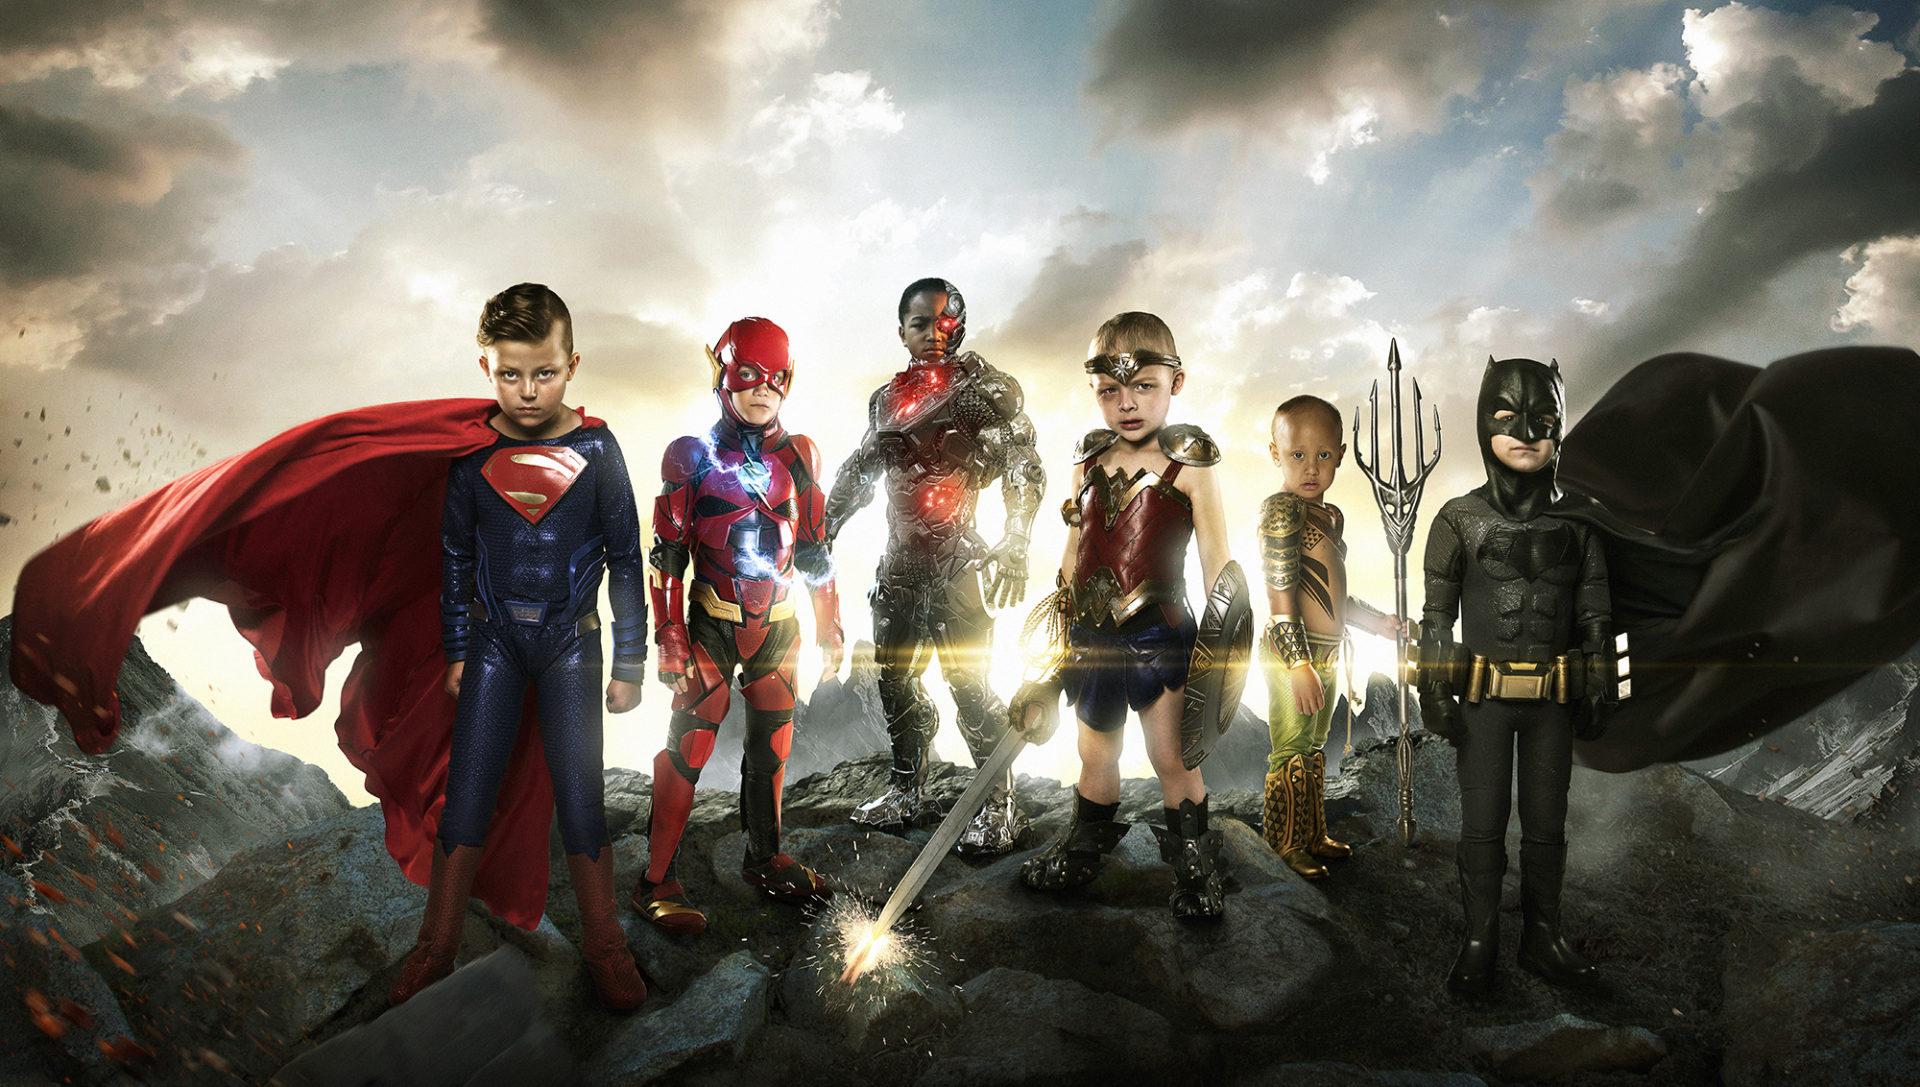 DC hősökké vált gyerekek - Egy fotózás, ami mosolyt csal arcodra